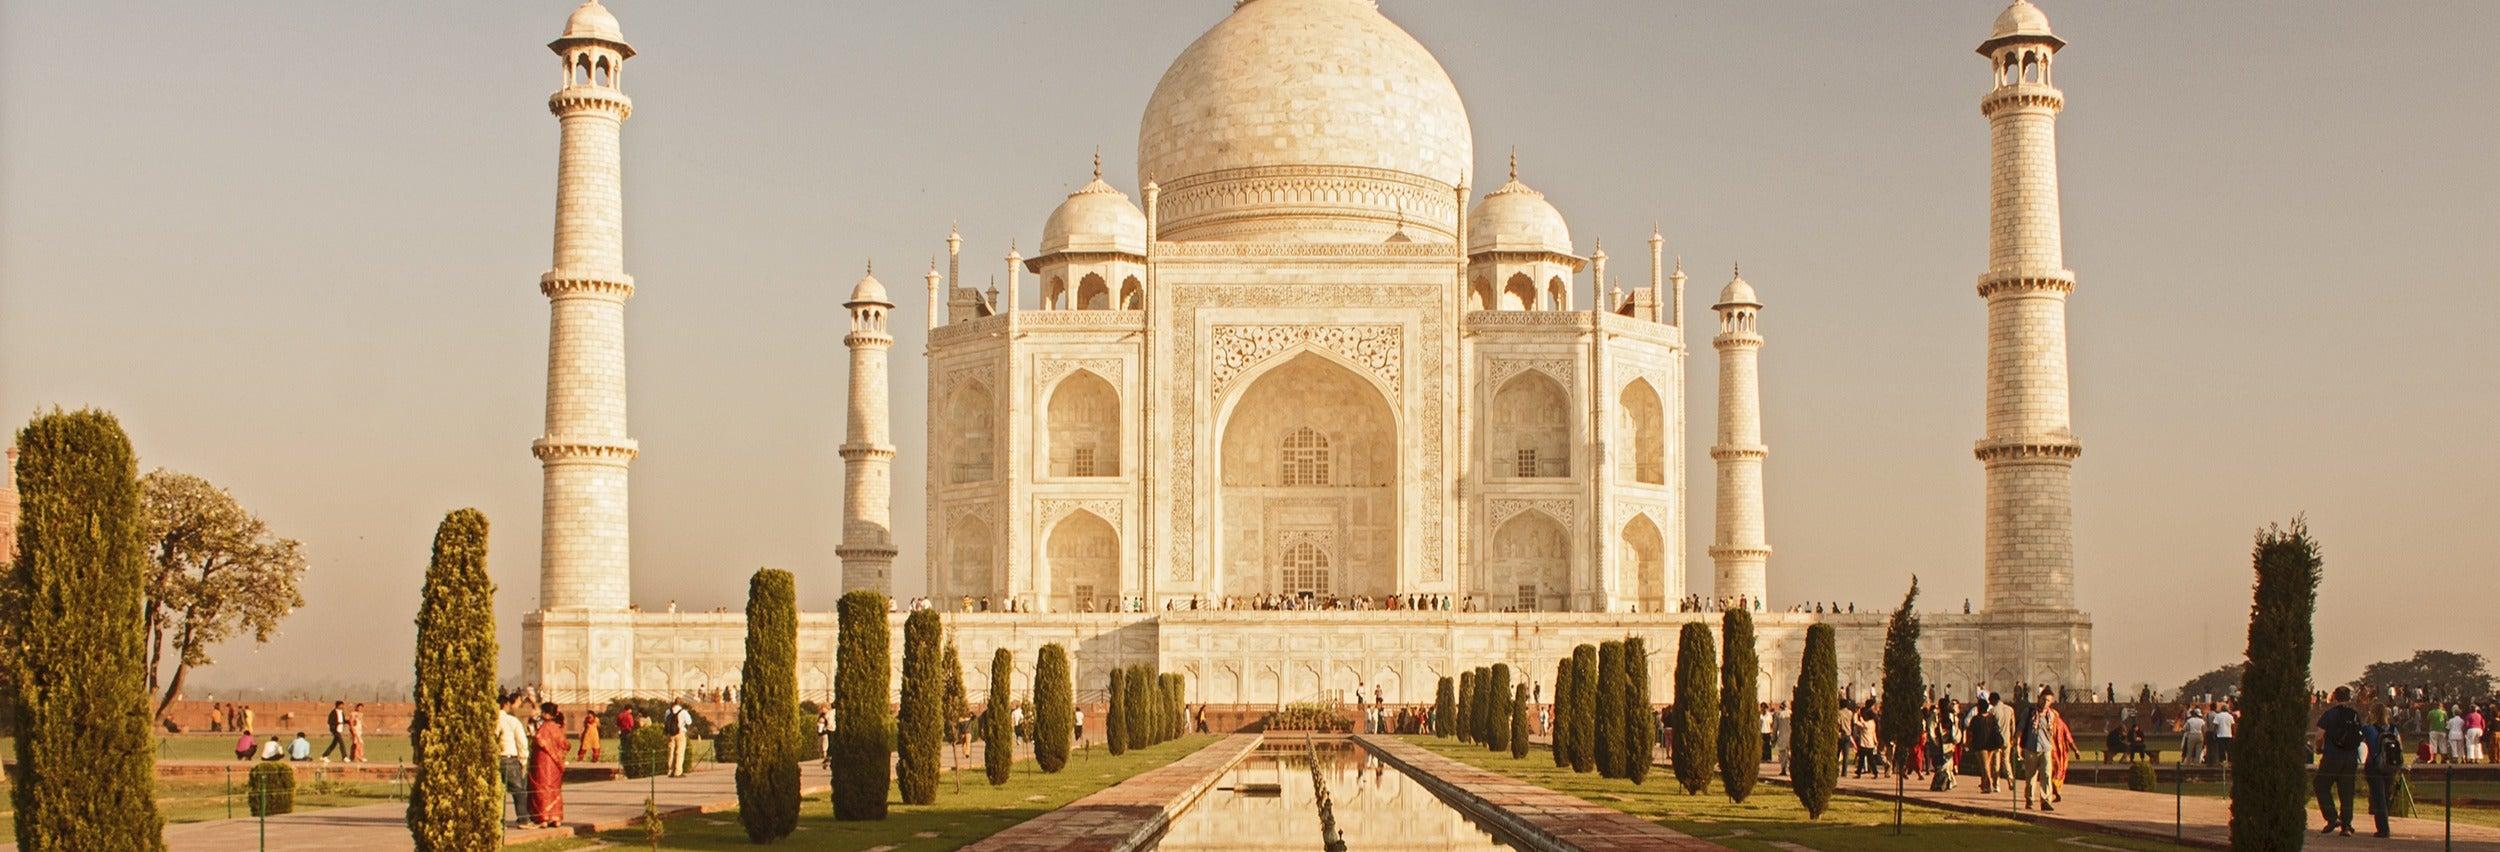 Excursión privada a Agra y Jaipur en 2 días